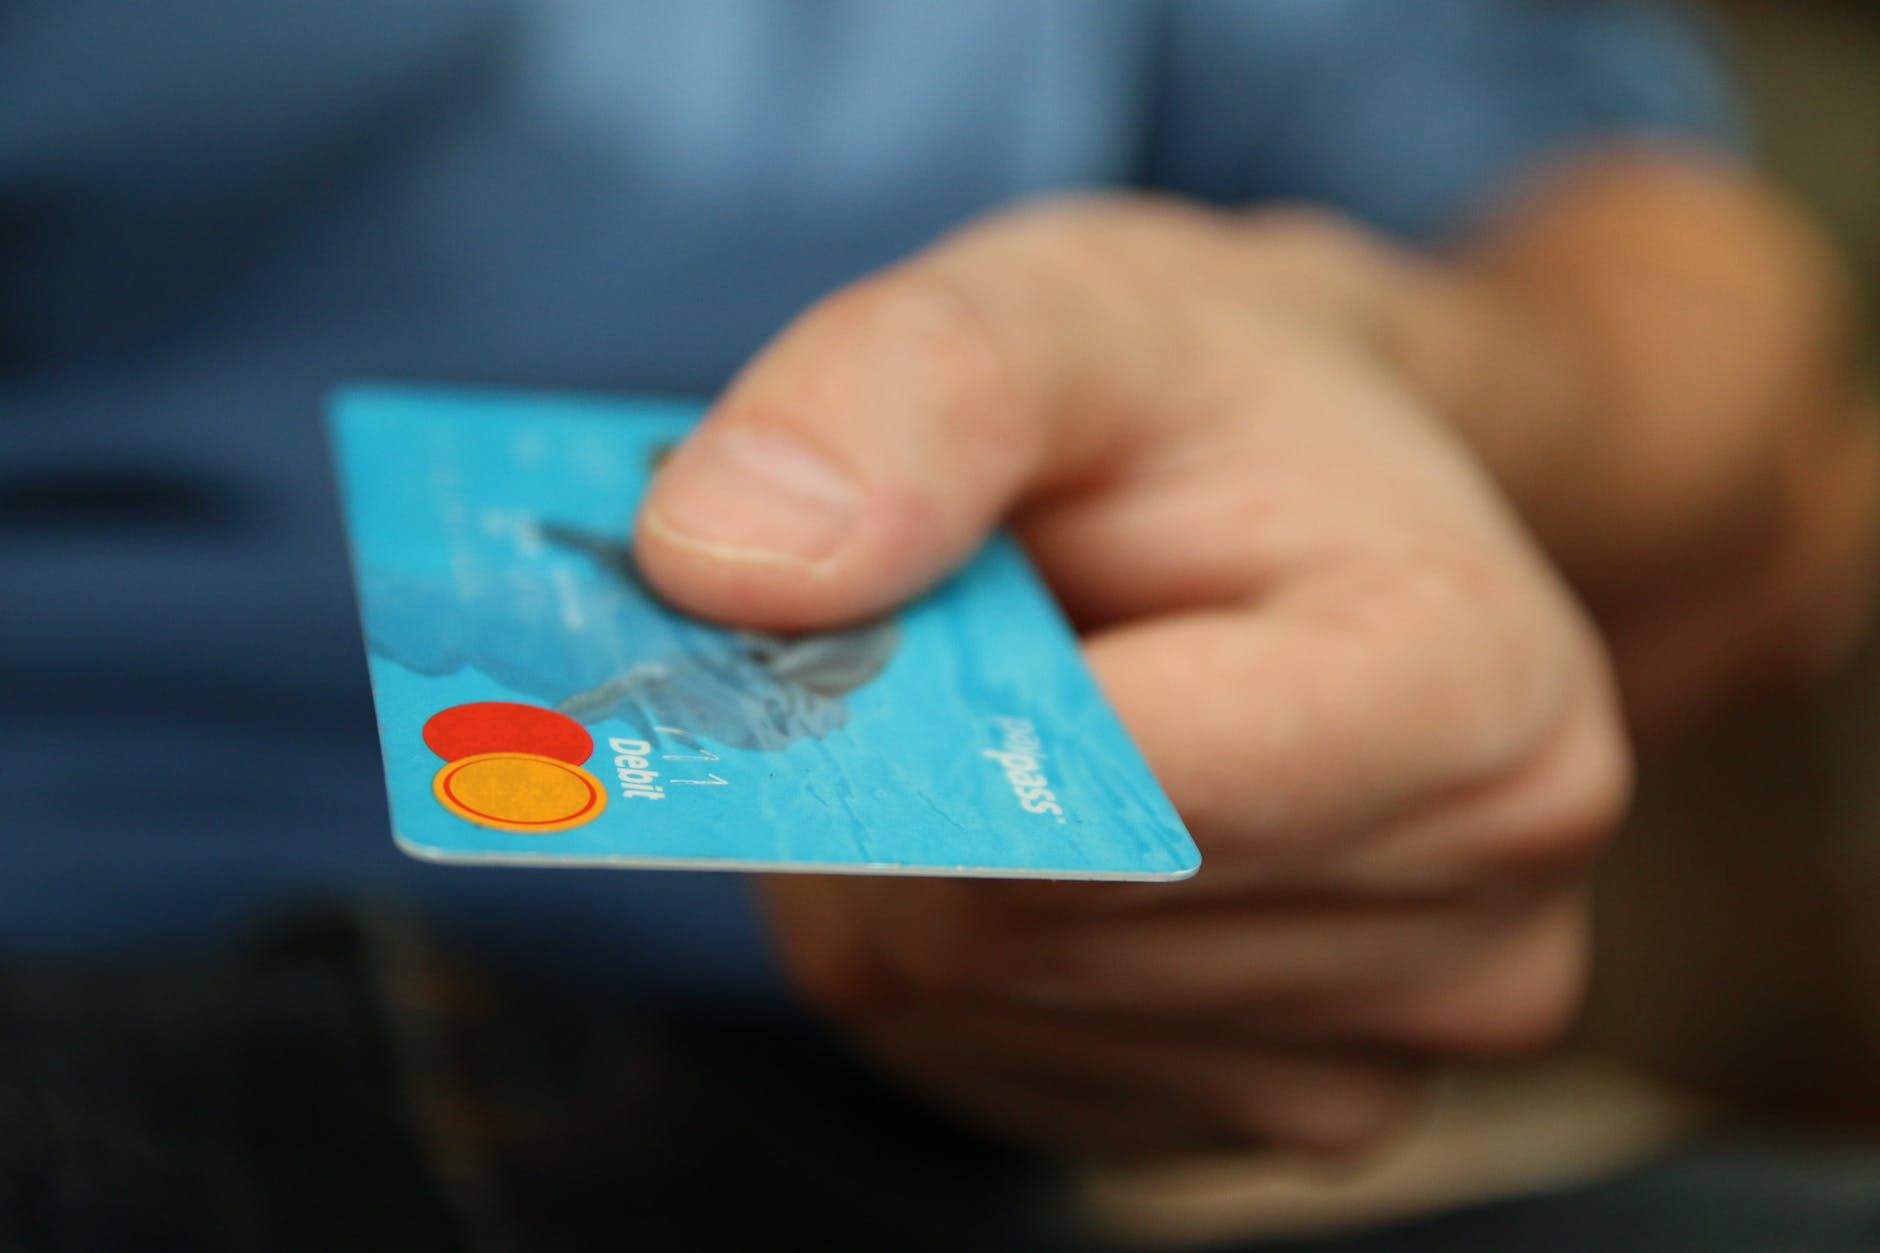 Mão de um homem oferece Cartão de débito como forma de pagamento